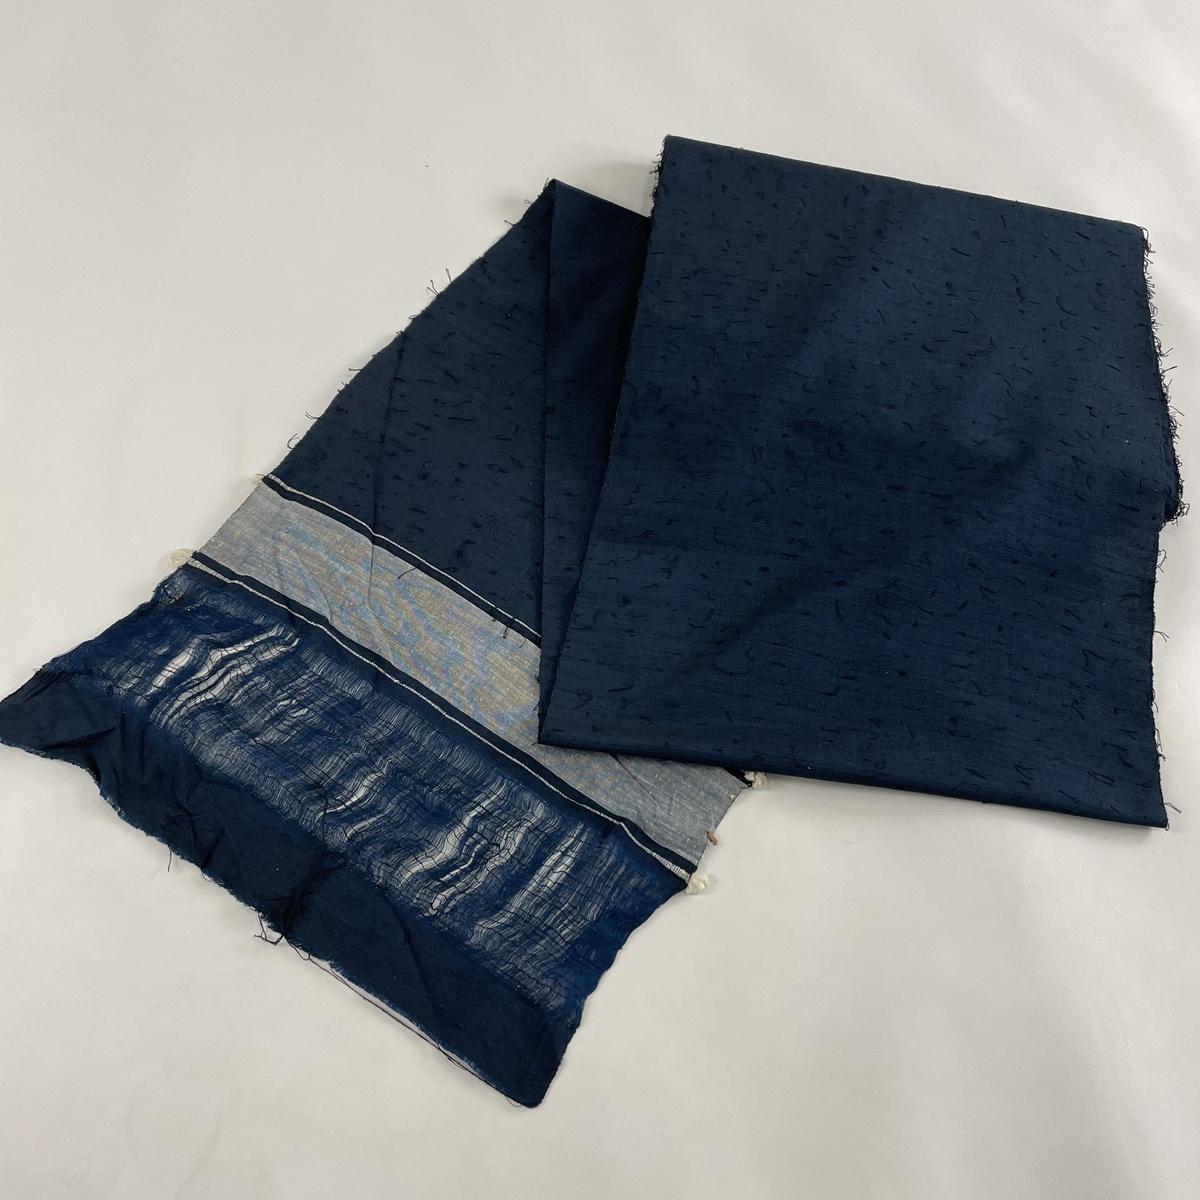 ランクB 反物 入手困難 リサイクル 送料無料 優品 中古 紺色 ひげ紬 正絹 人気上昇中 アンサンブル